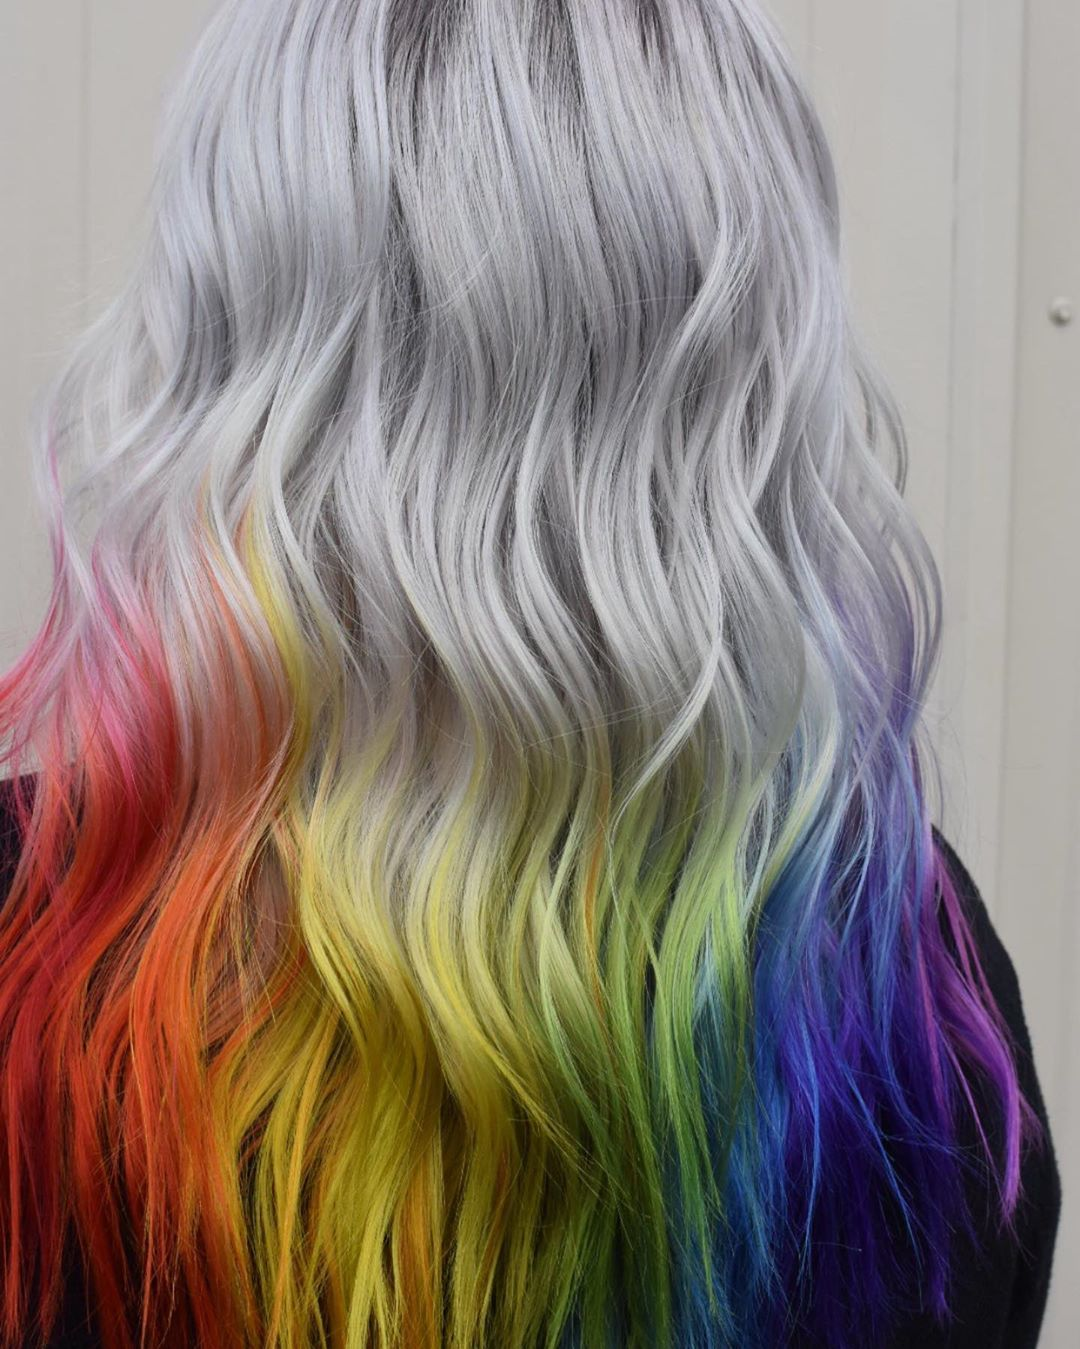 Femme aux cheveux argentés glacés avec des pointes arc-en-ciel